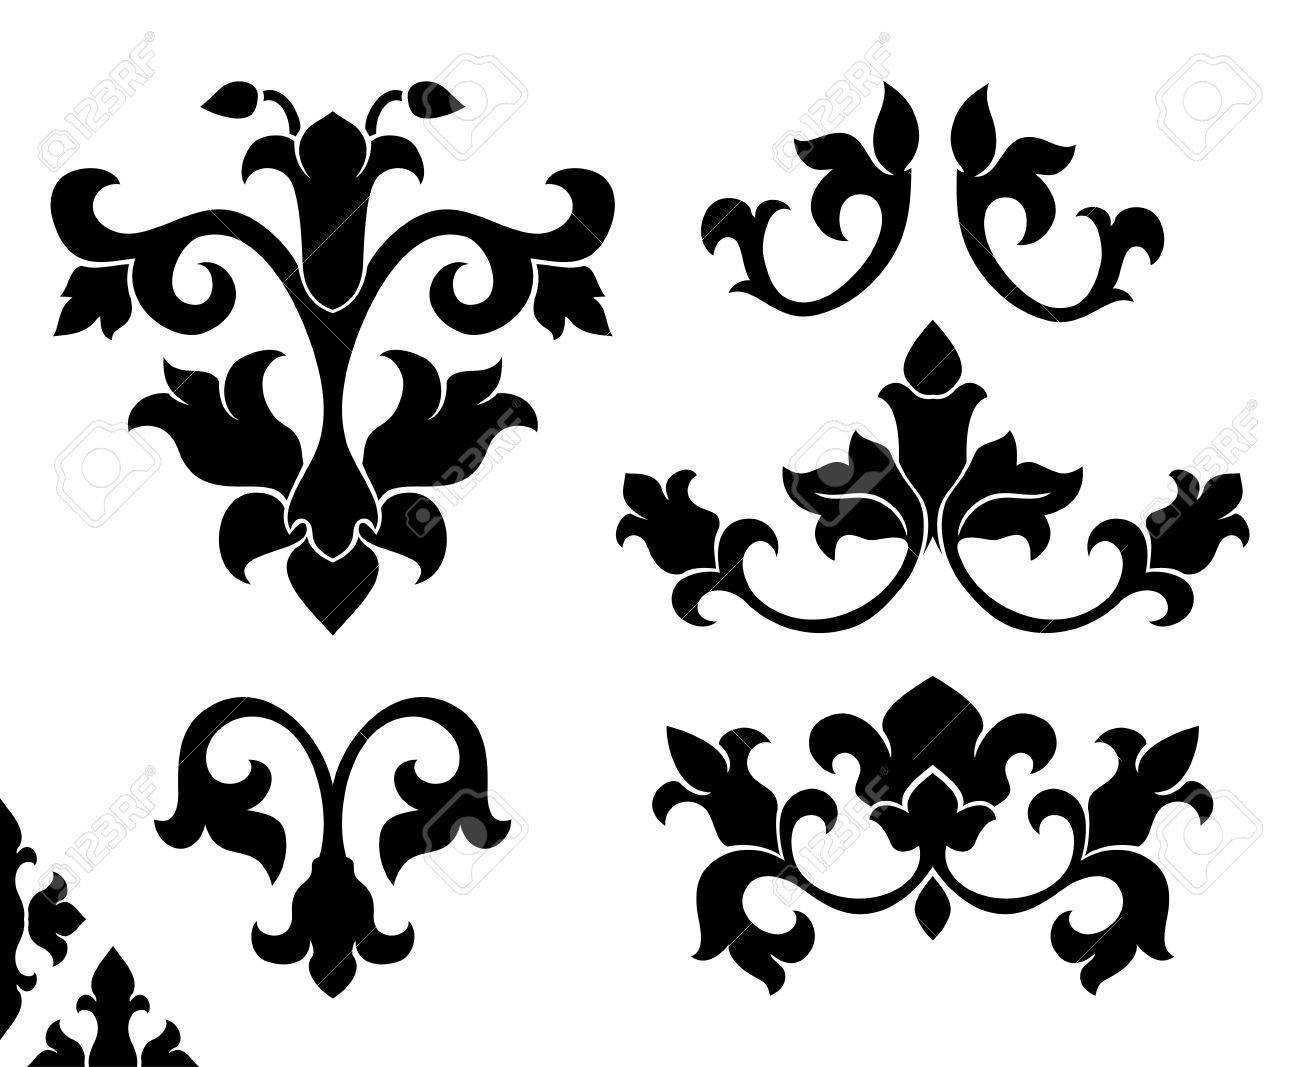 Satz Klassische Gestaltungselemente Schwarze Mit Blumenmuster Auf Einem Weissen Hintergrund Stilisierte Mittelalterliche Ornamente Lizenzfrei Nutzbare Vektorgrafiken Clip Arts Illustrationen Image 74883111